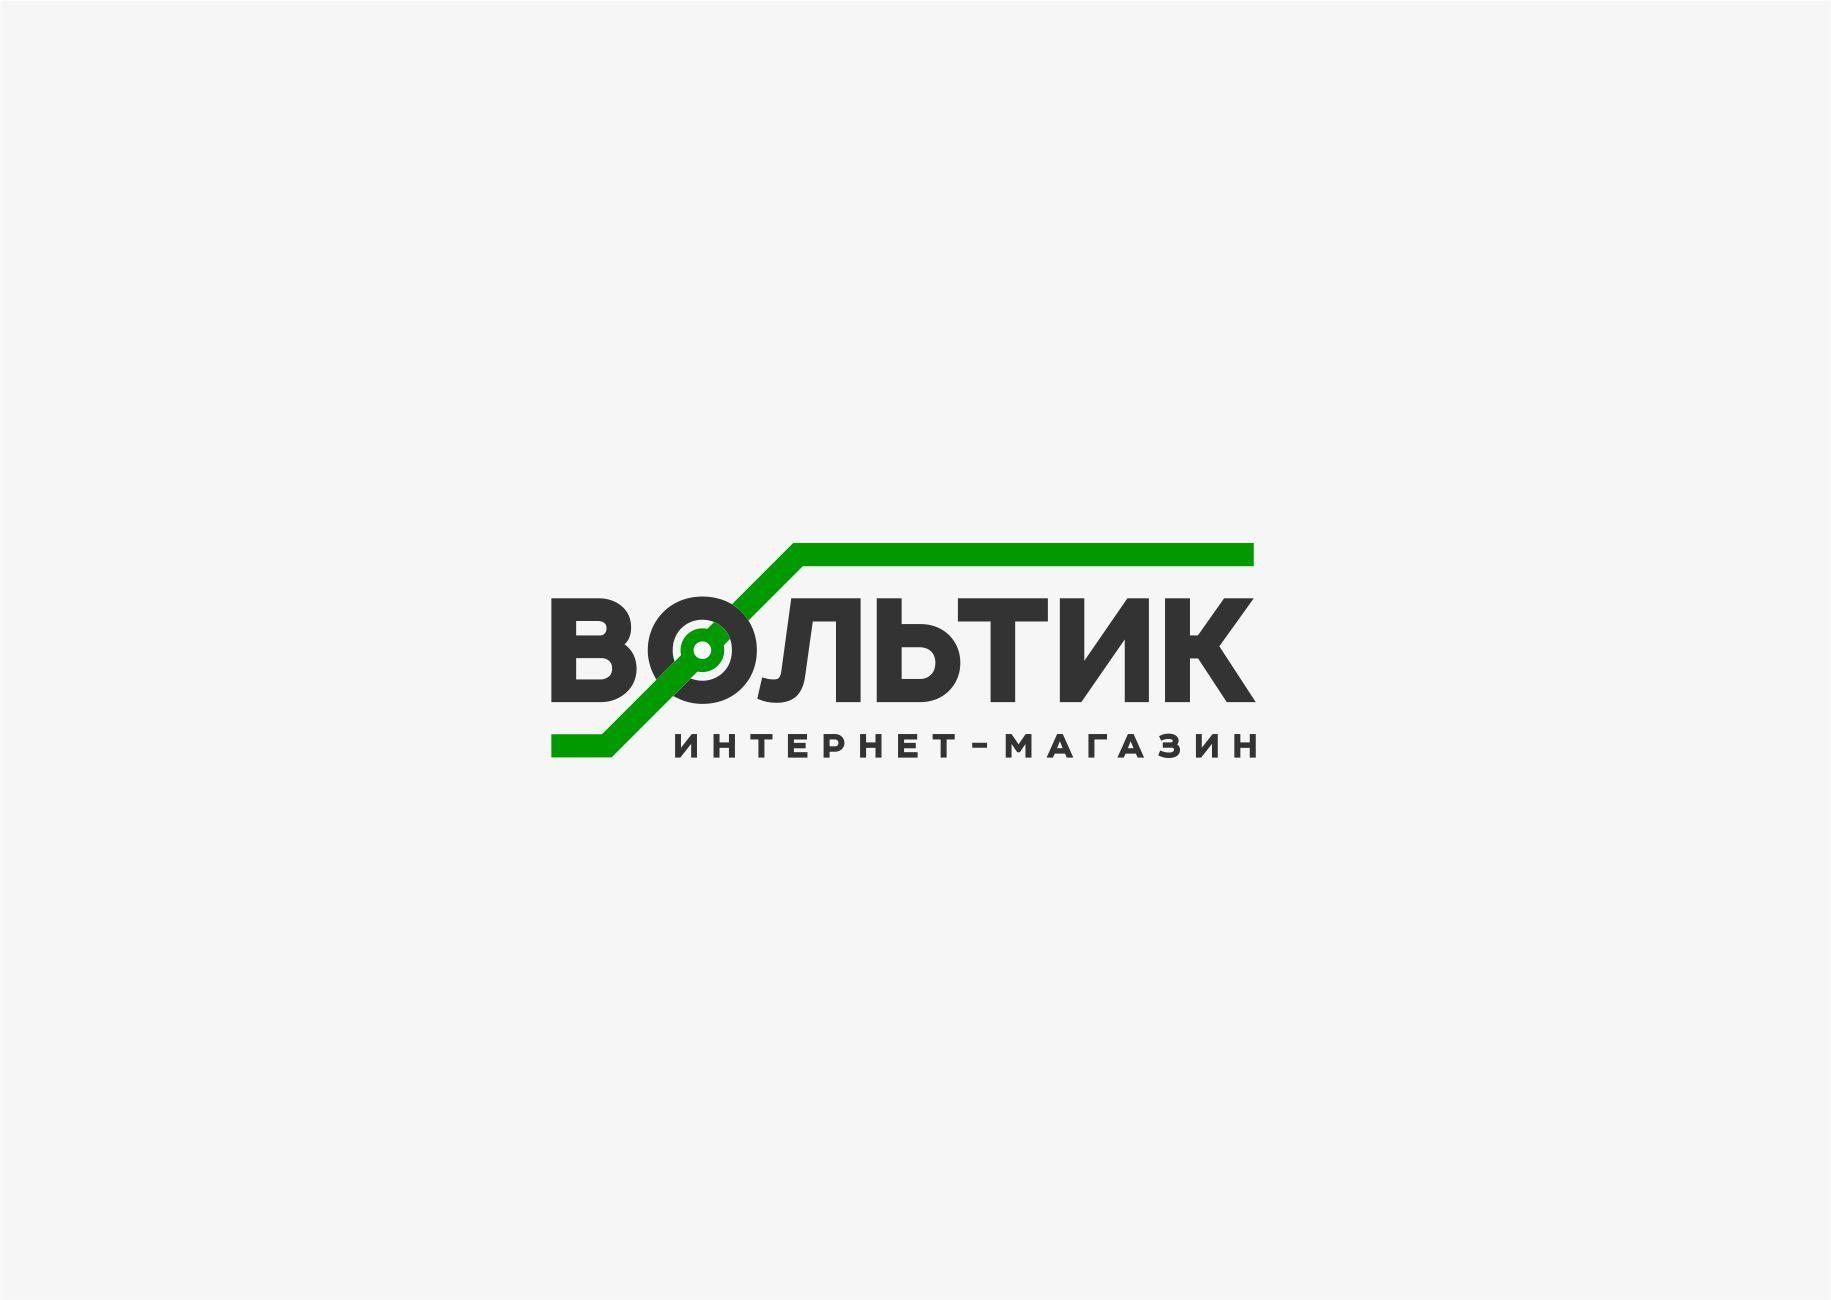 Логотип для Интернет-магазин Вольтик (VoltIQ.ru) - дизайнер graphin4ik